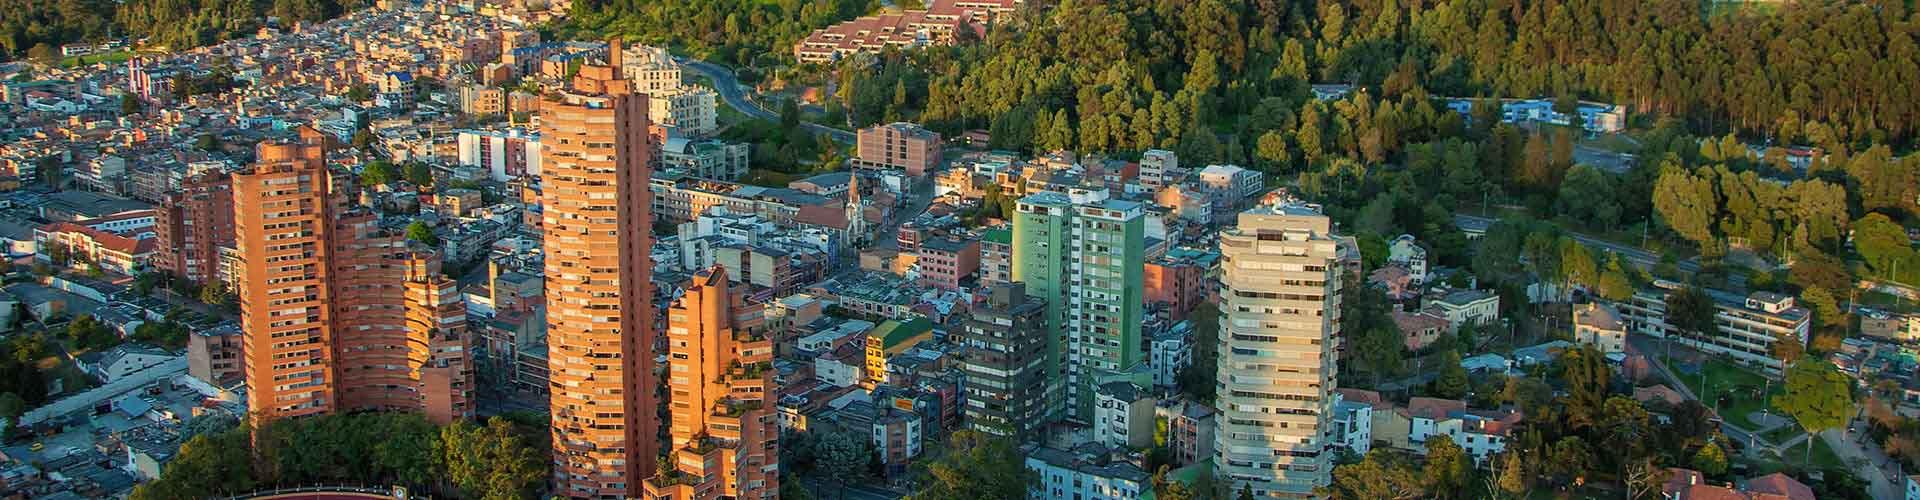 Bogota - Ifjúsági Szállások Bogotaben. Bogota térképek, fotók és ajánlások minden egyes ifjúsági szállásokra Bogota-ben.